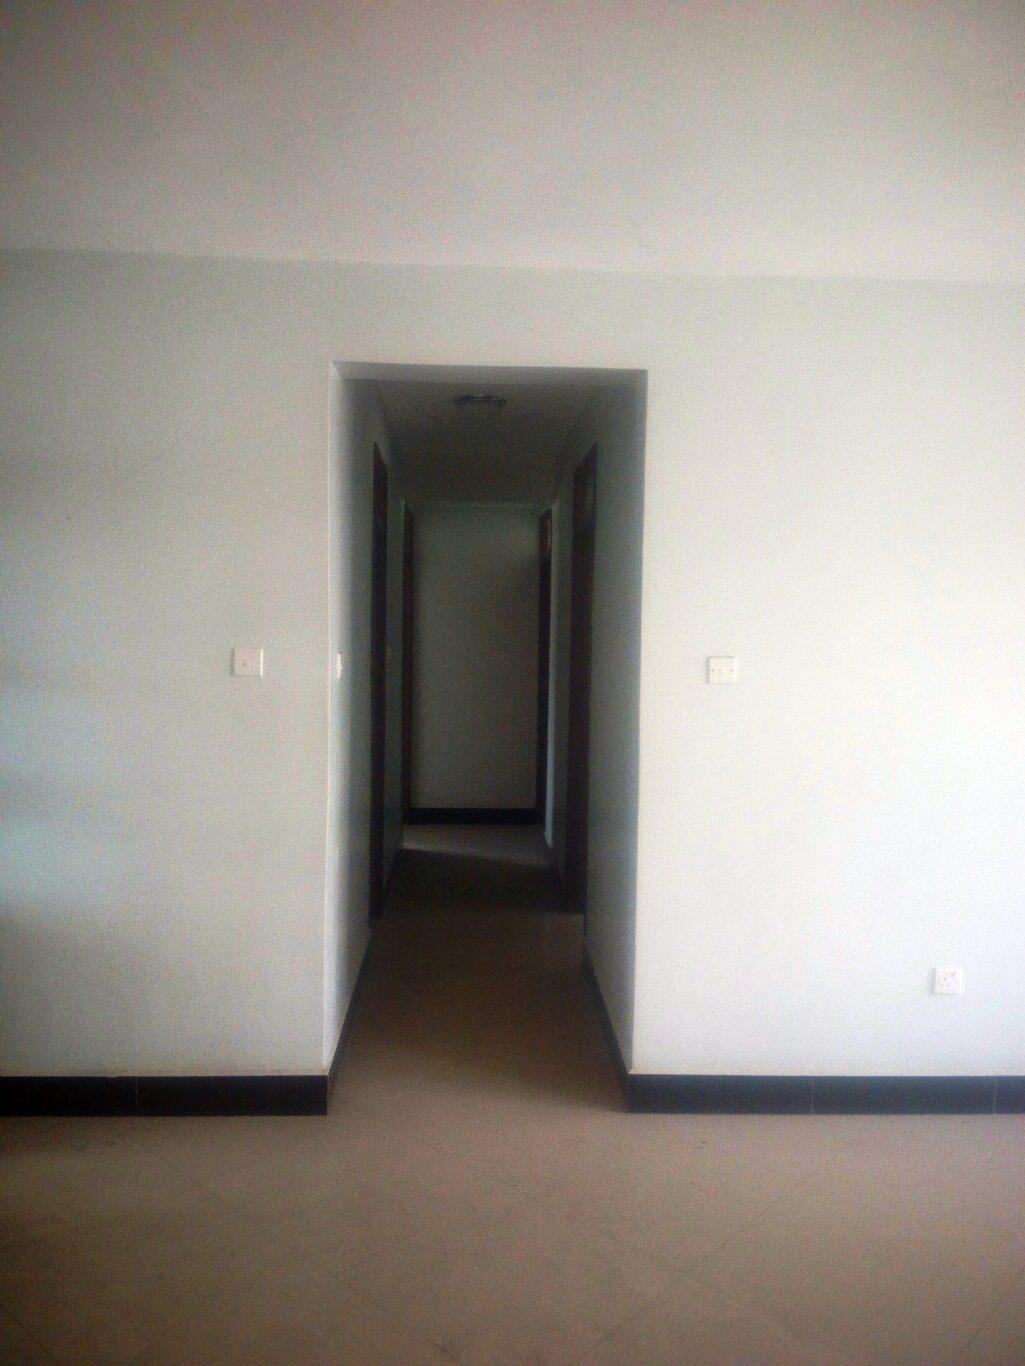 Apartments 4 sale(8 units)